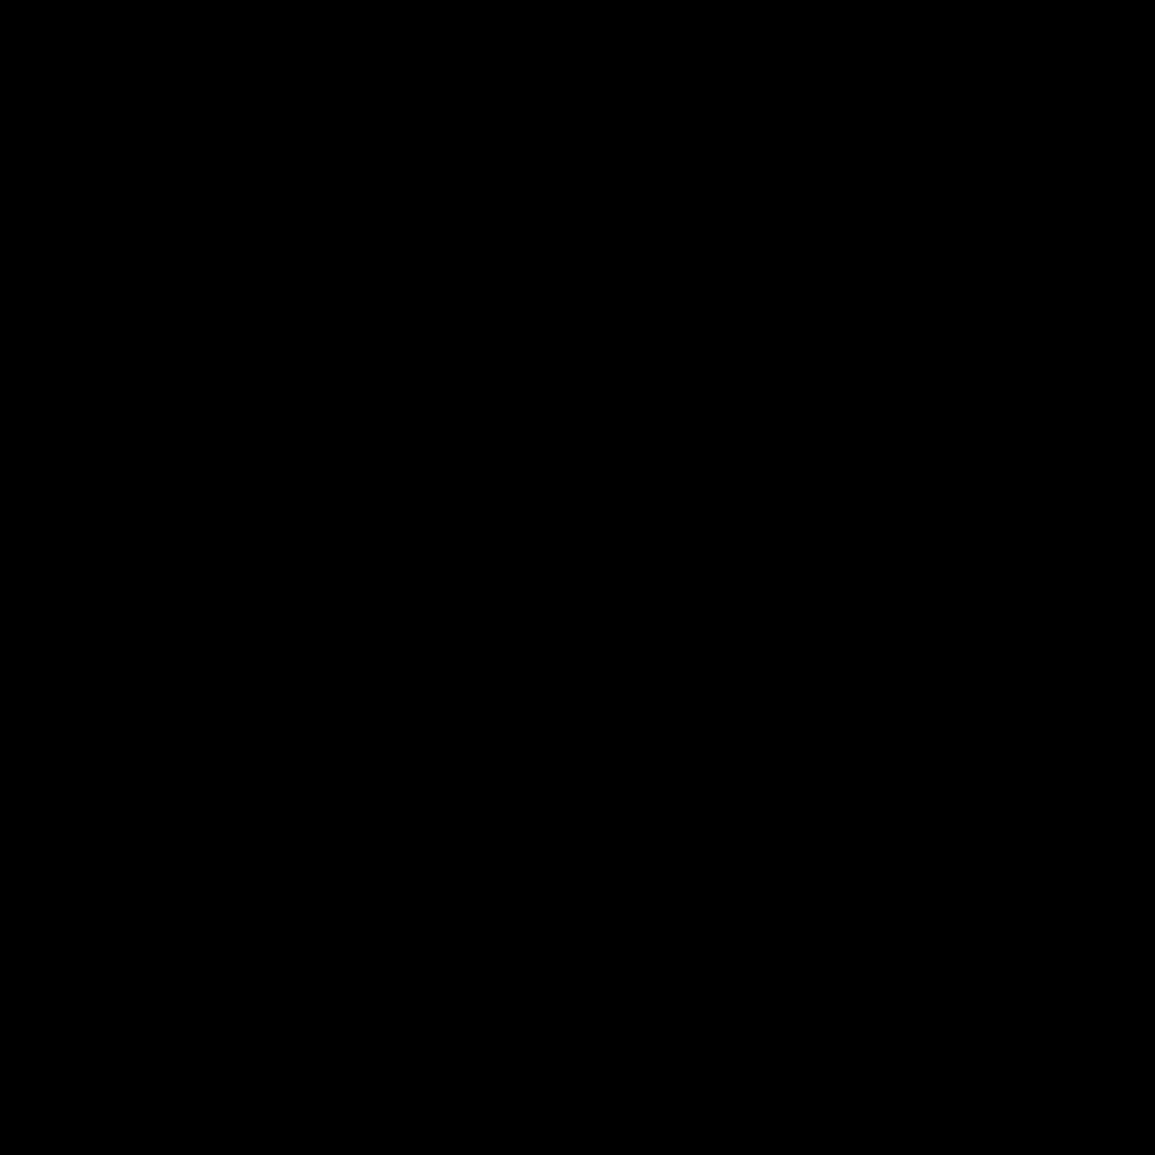 タイポス 37 TY37A 字形見本